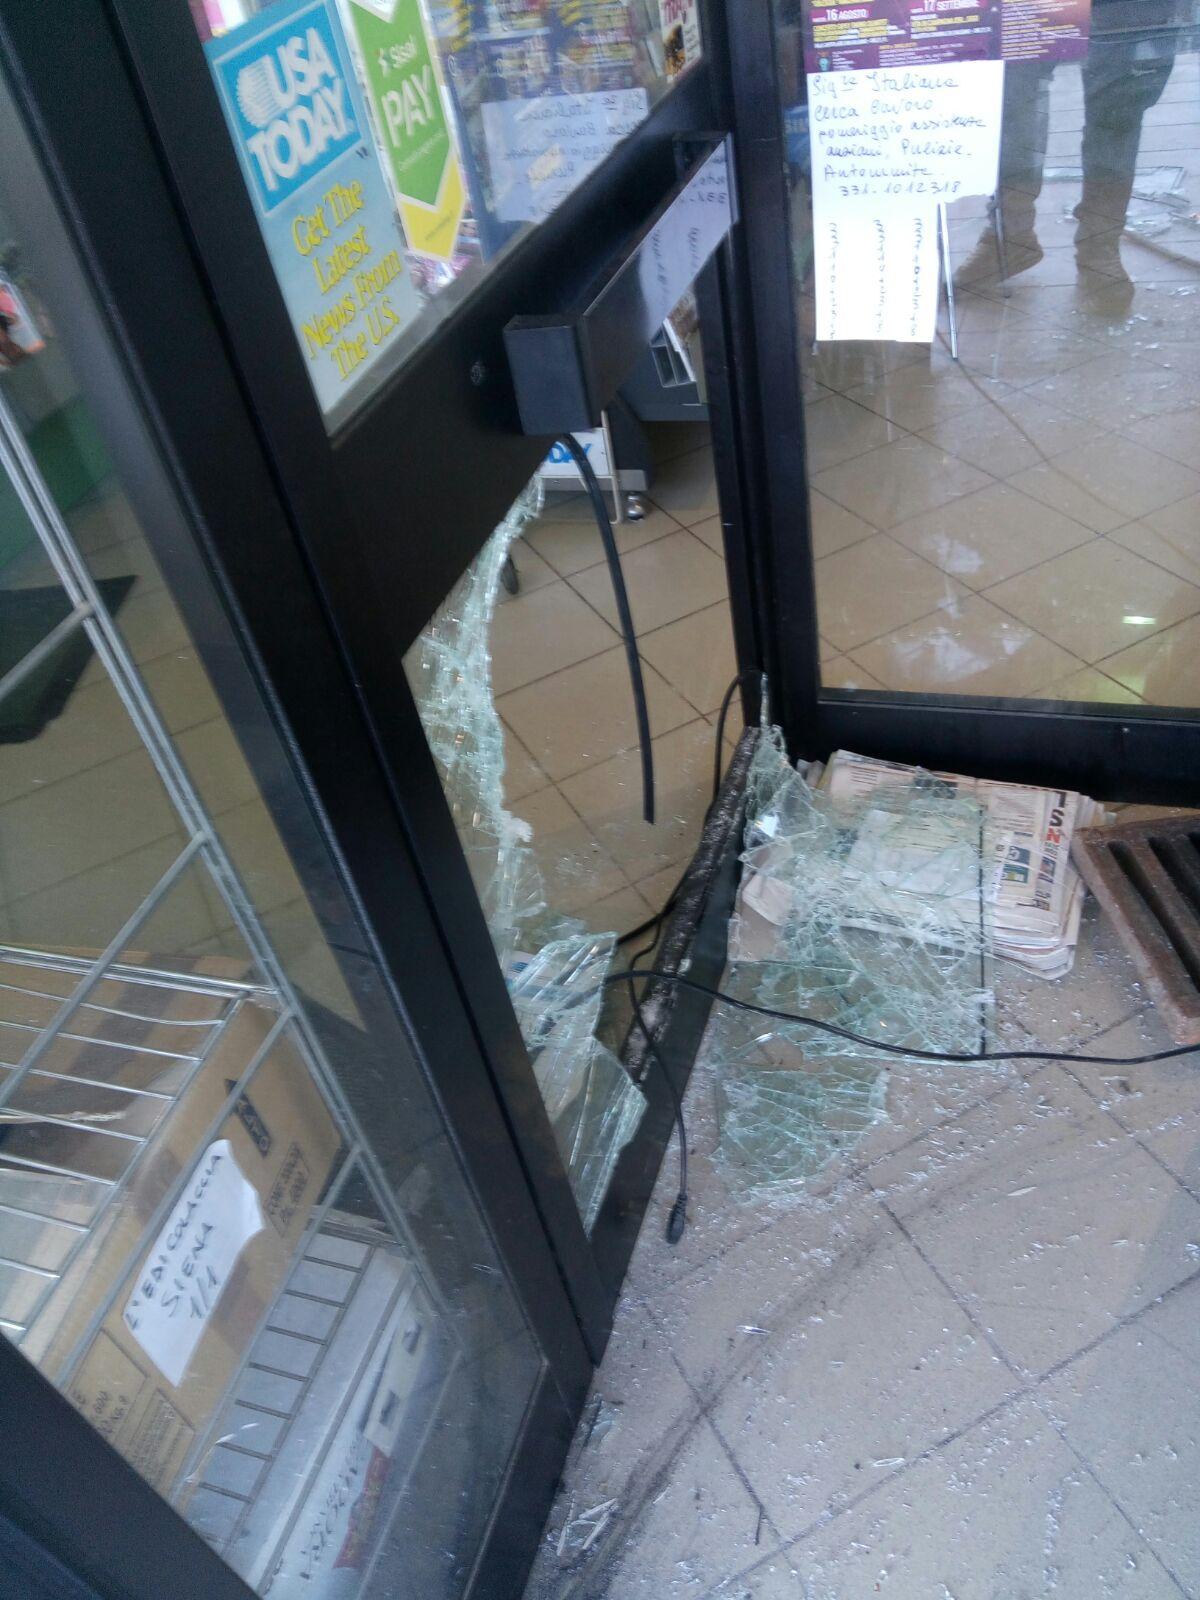 Furto all'edicola: ladri fuggono con slot machine